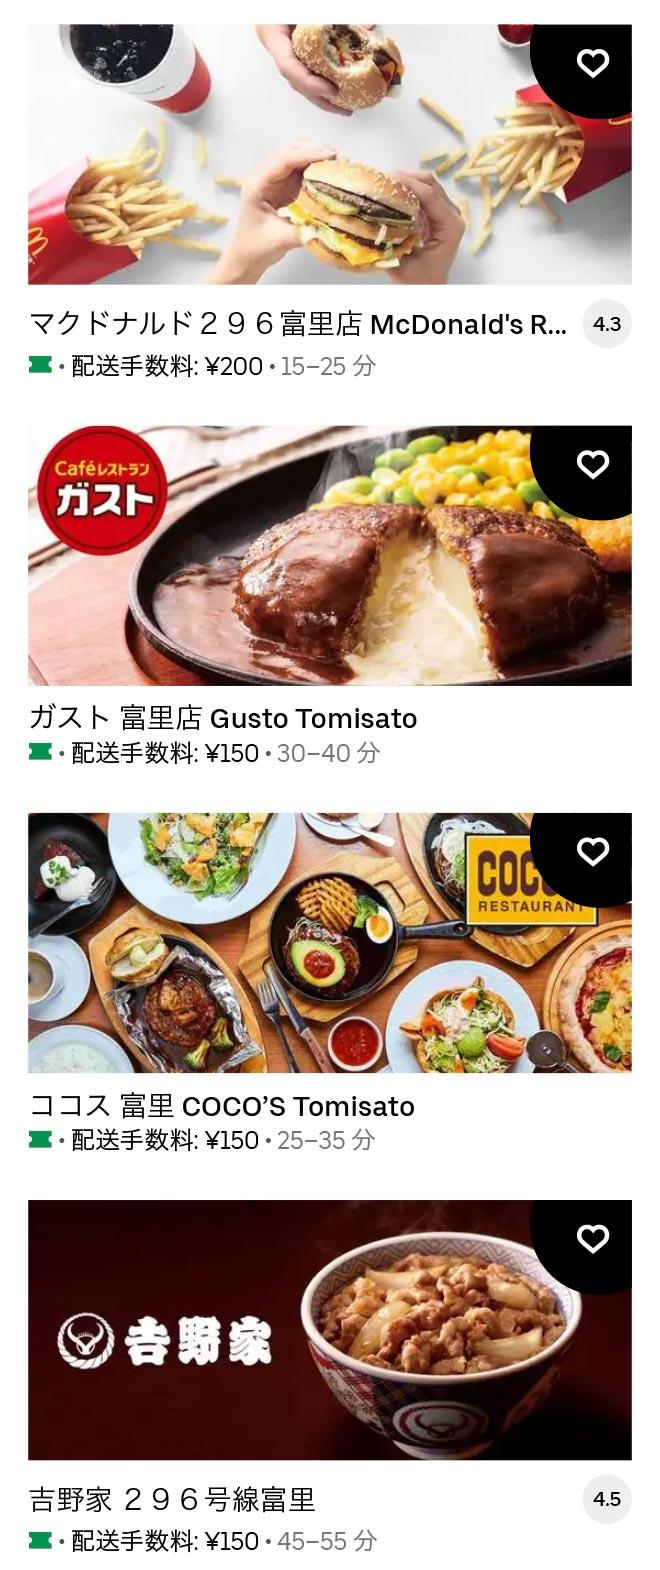 U tomisato menu 2104 01